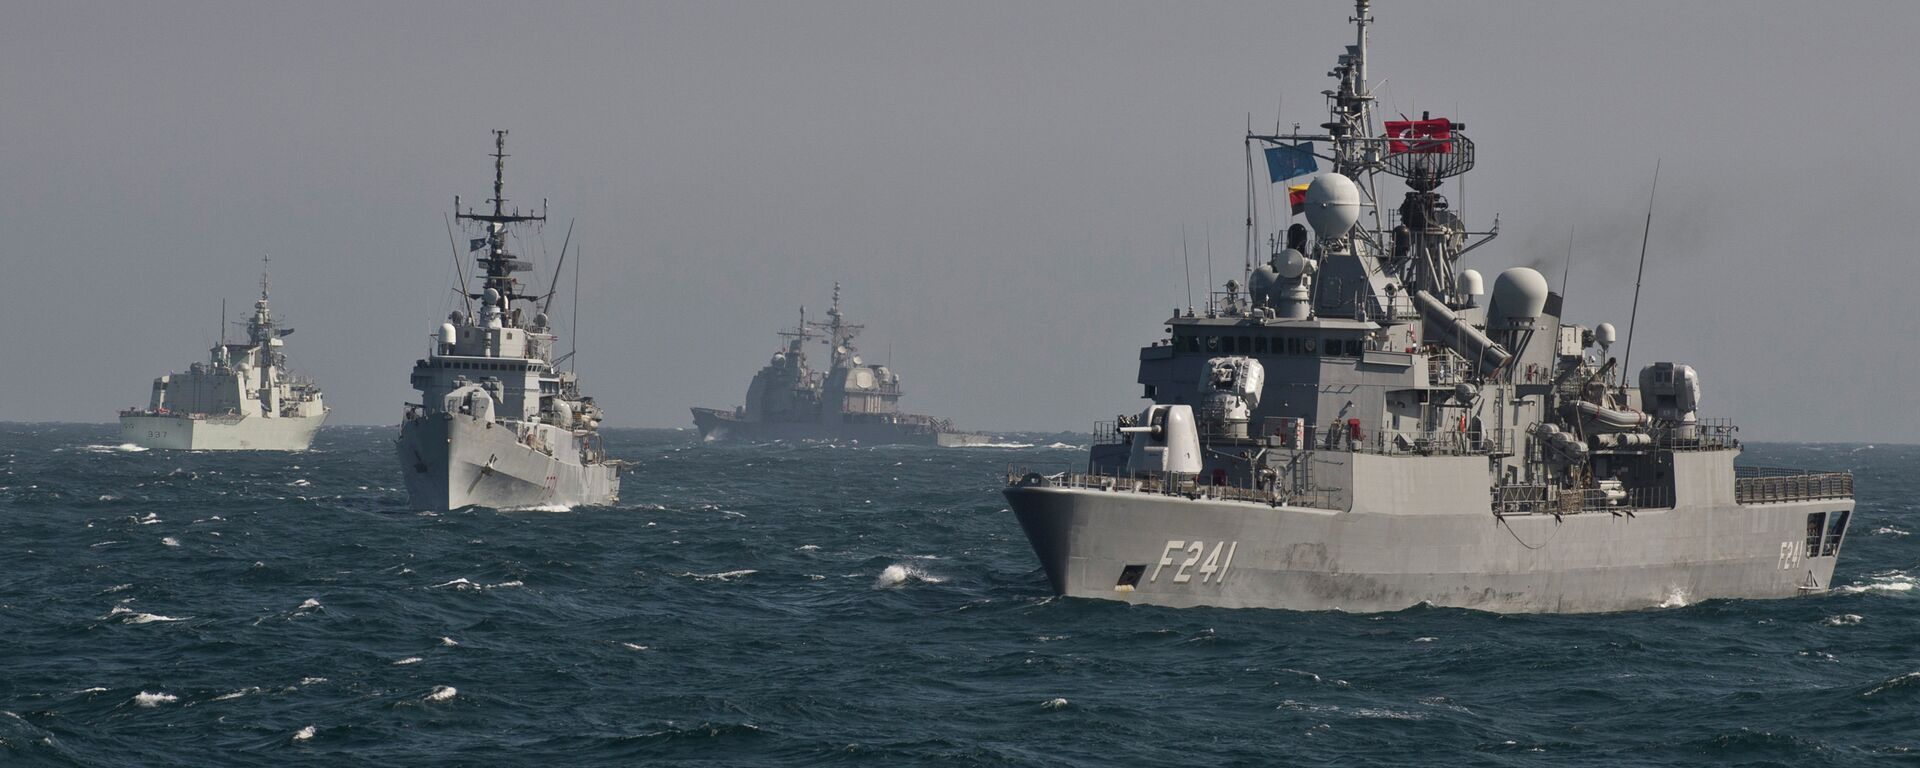 Okręty NATO uczestniczą w ćwiczeniach wojskowych na Morzu Czarnym - Sputnik Polska, 1920, 28.02.2021